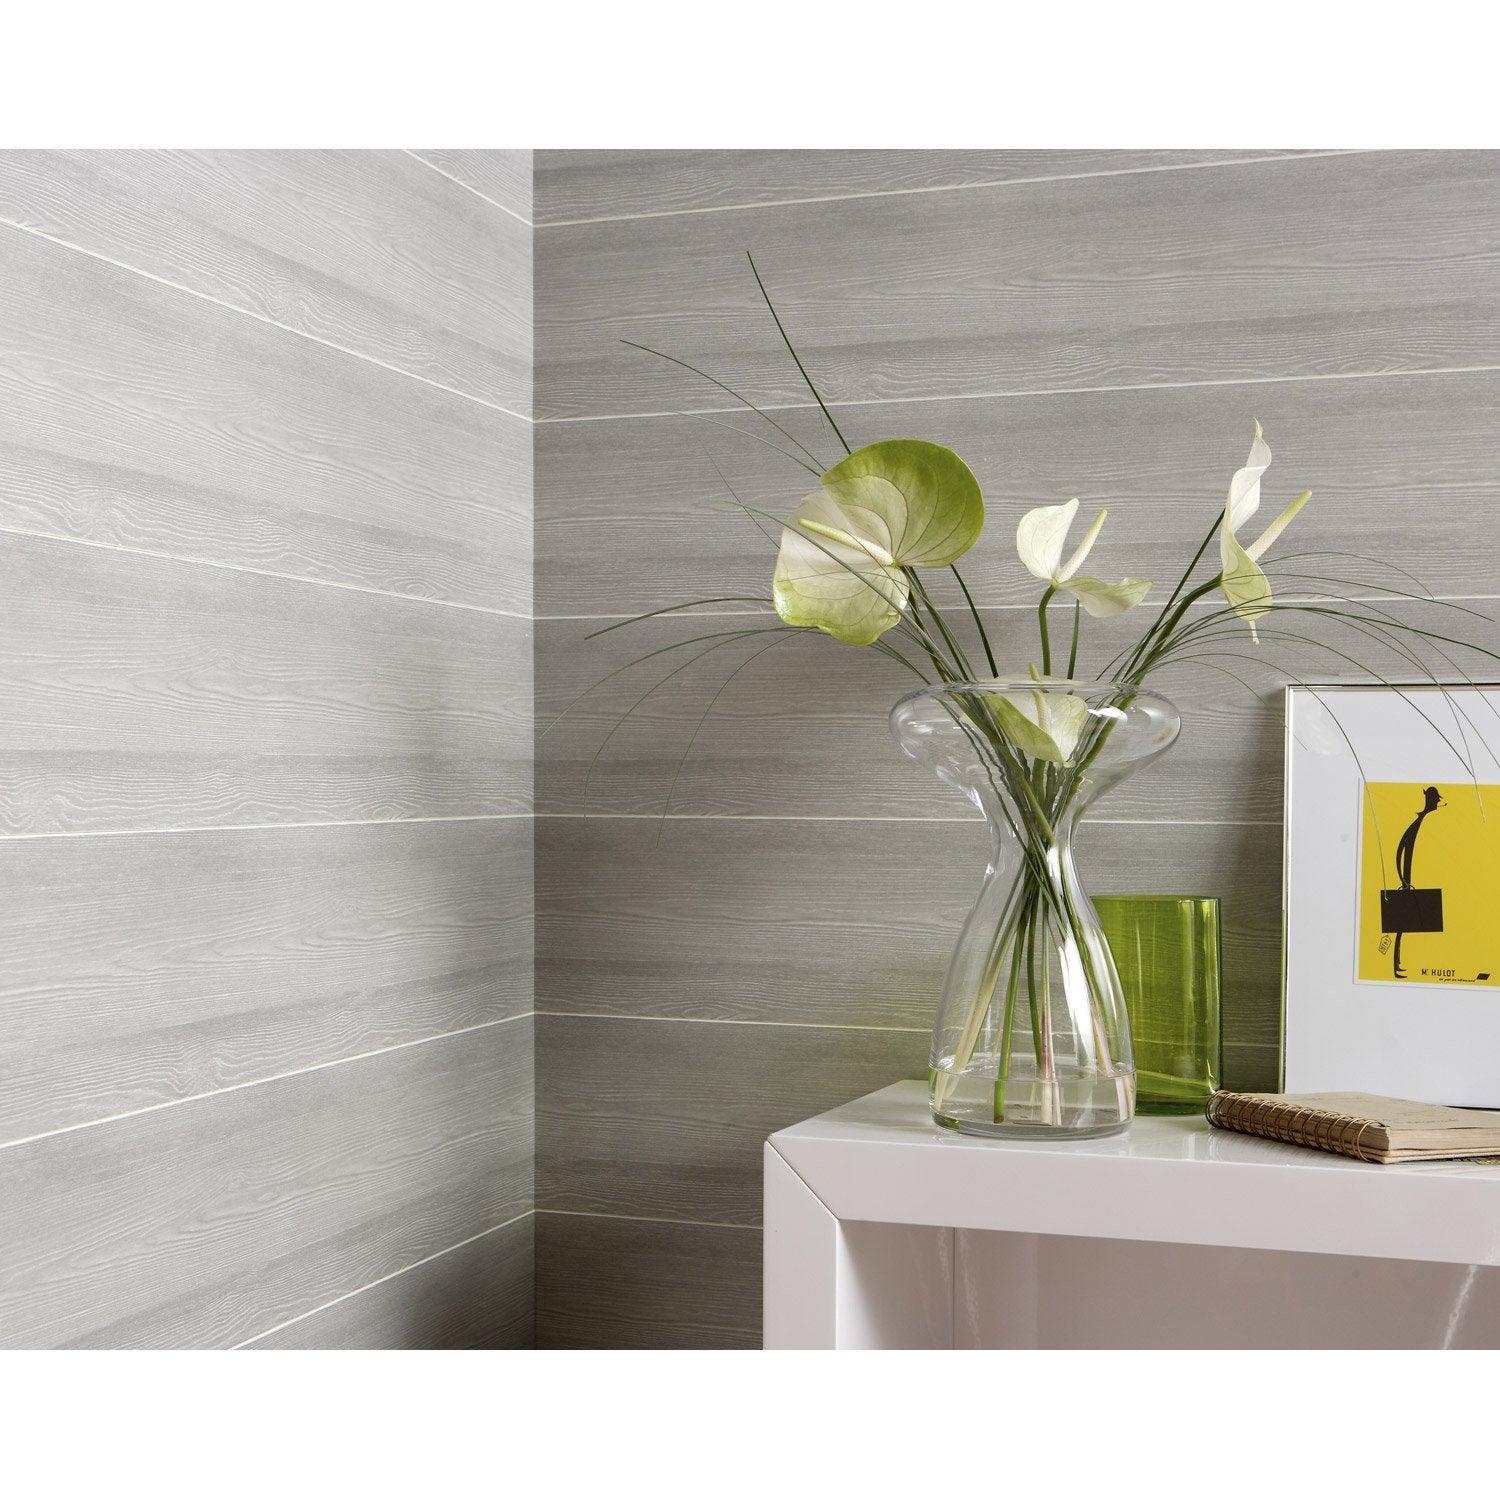 castorama lambris pvc couleur. Black Bedroom Furniture Sets. Home Design Ideas